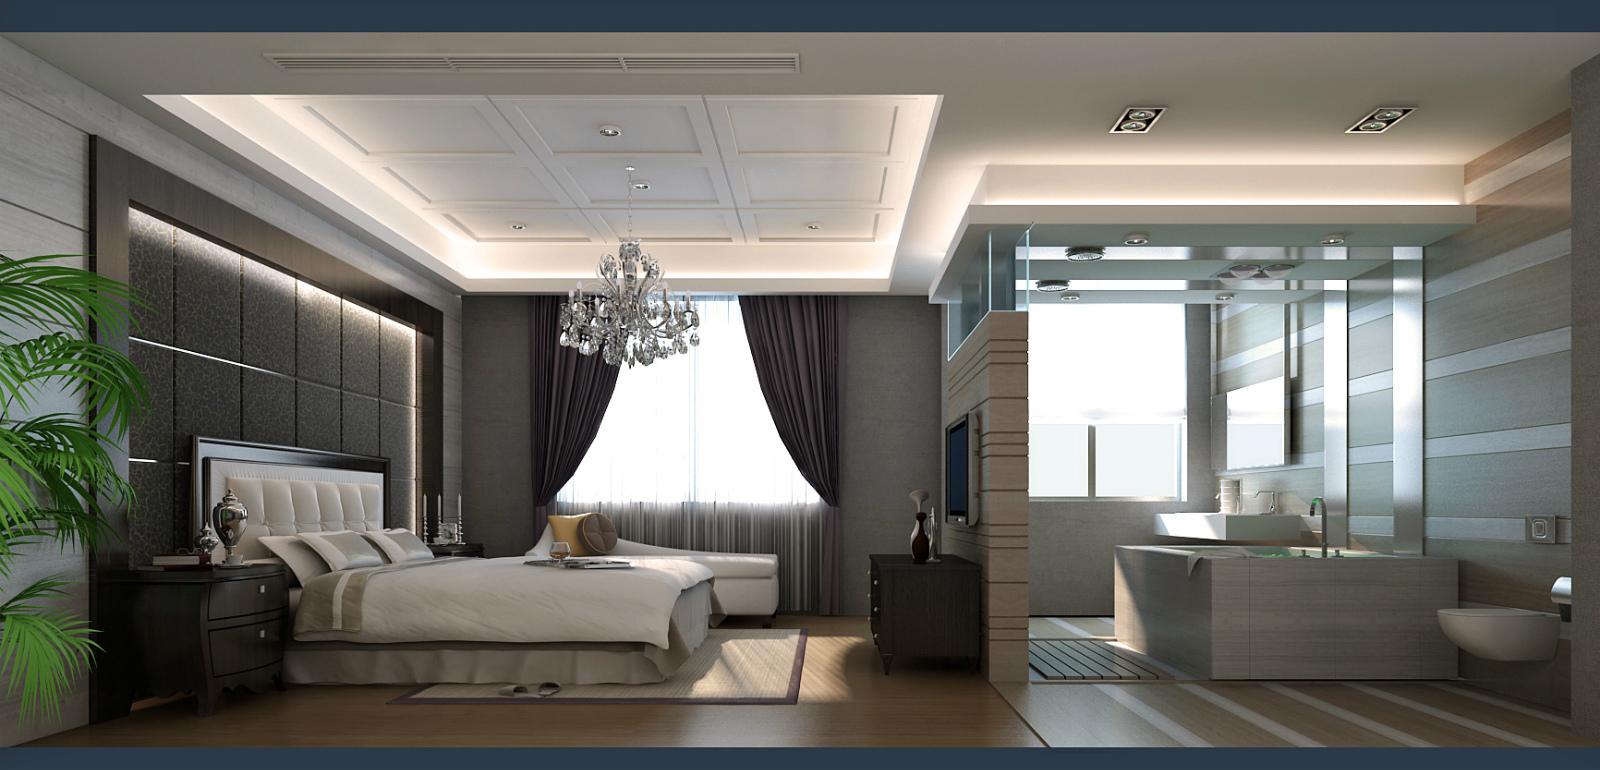 武汉实创 金色港湾 四居 复式楼 现代风格 卧室图片来自静夜思在高贵奢华︱金色港湾︱现代风格的分享